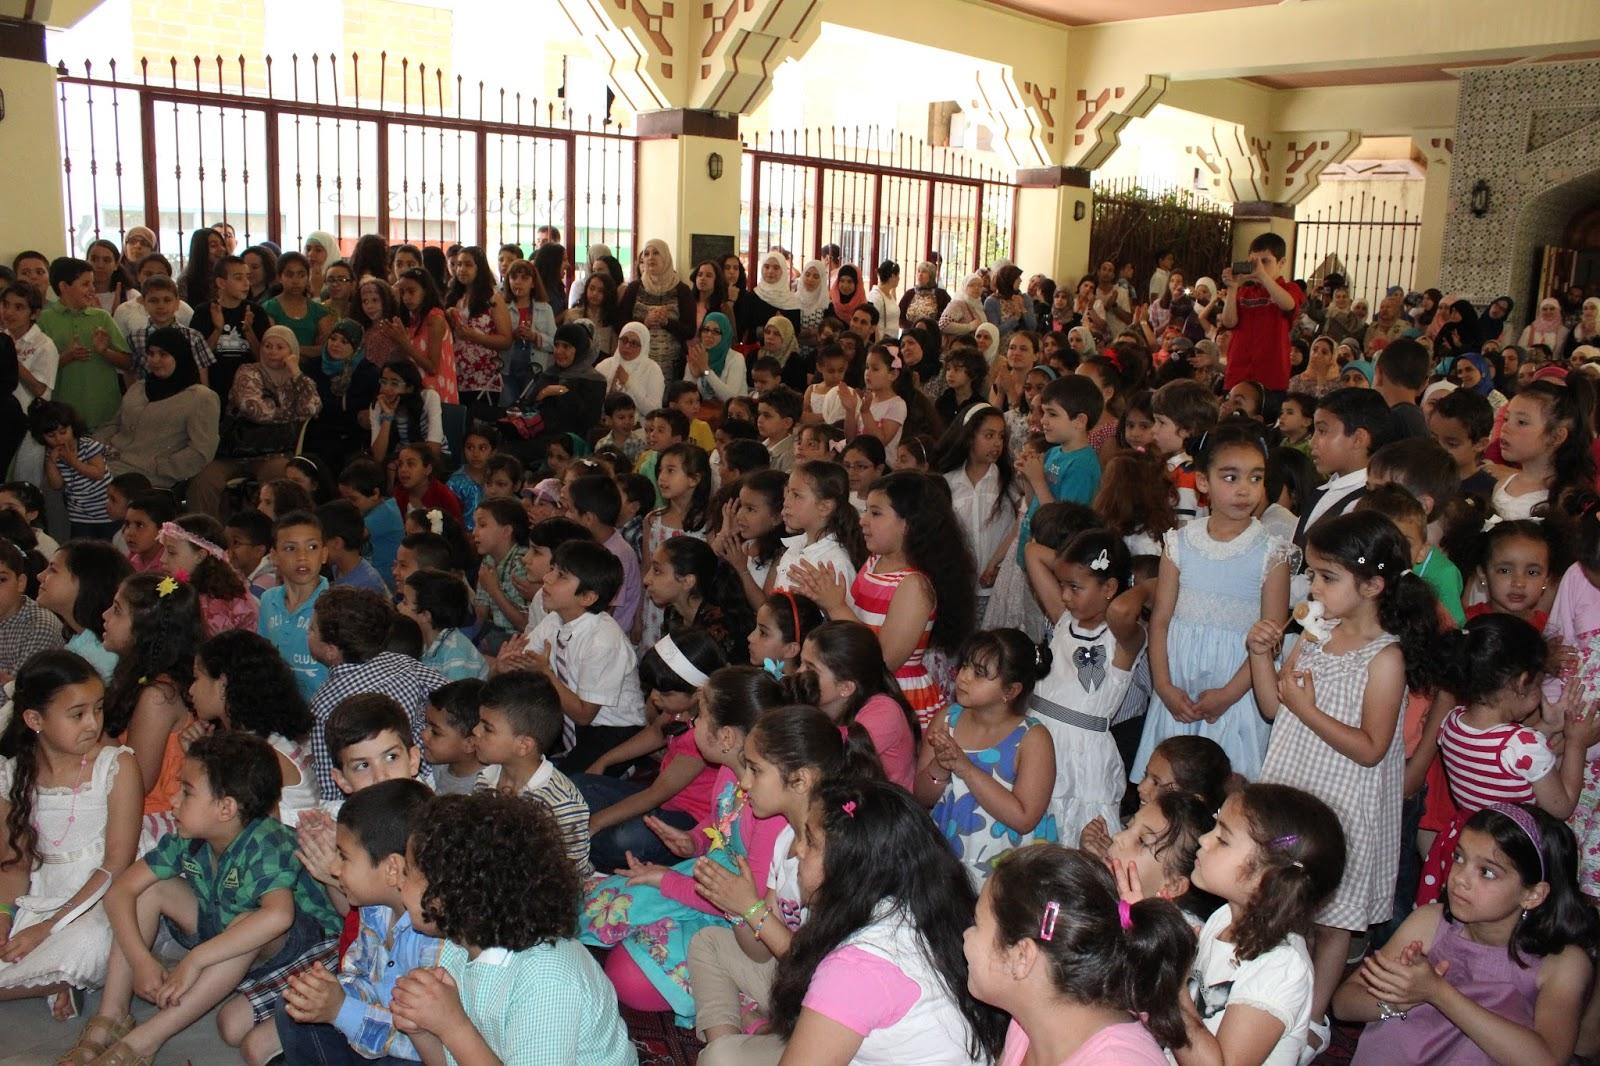 حفل نهاية العام الدراسي بالمدرسة العربية بمسجد مدريد المركزي